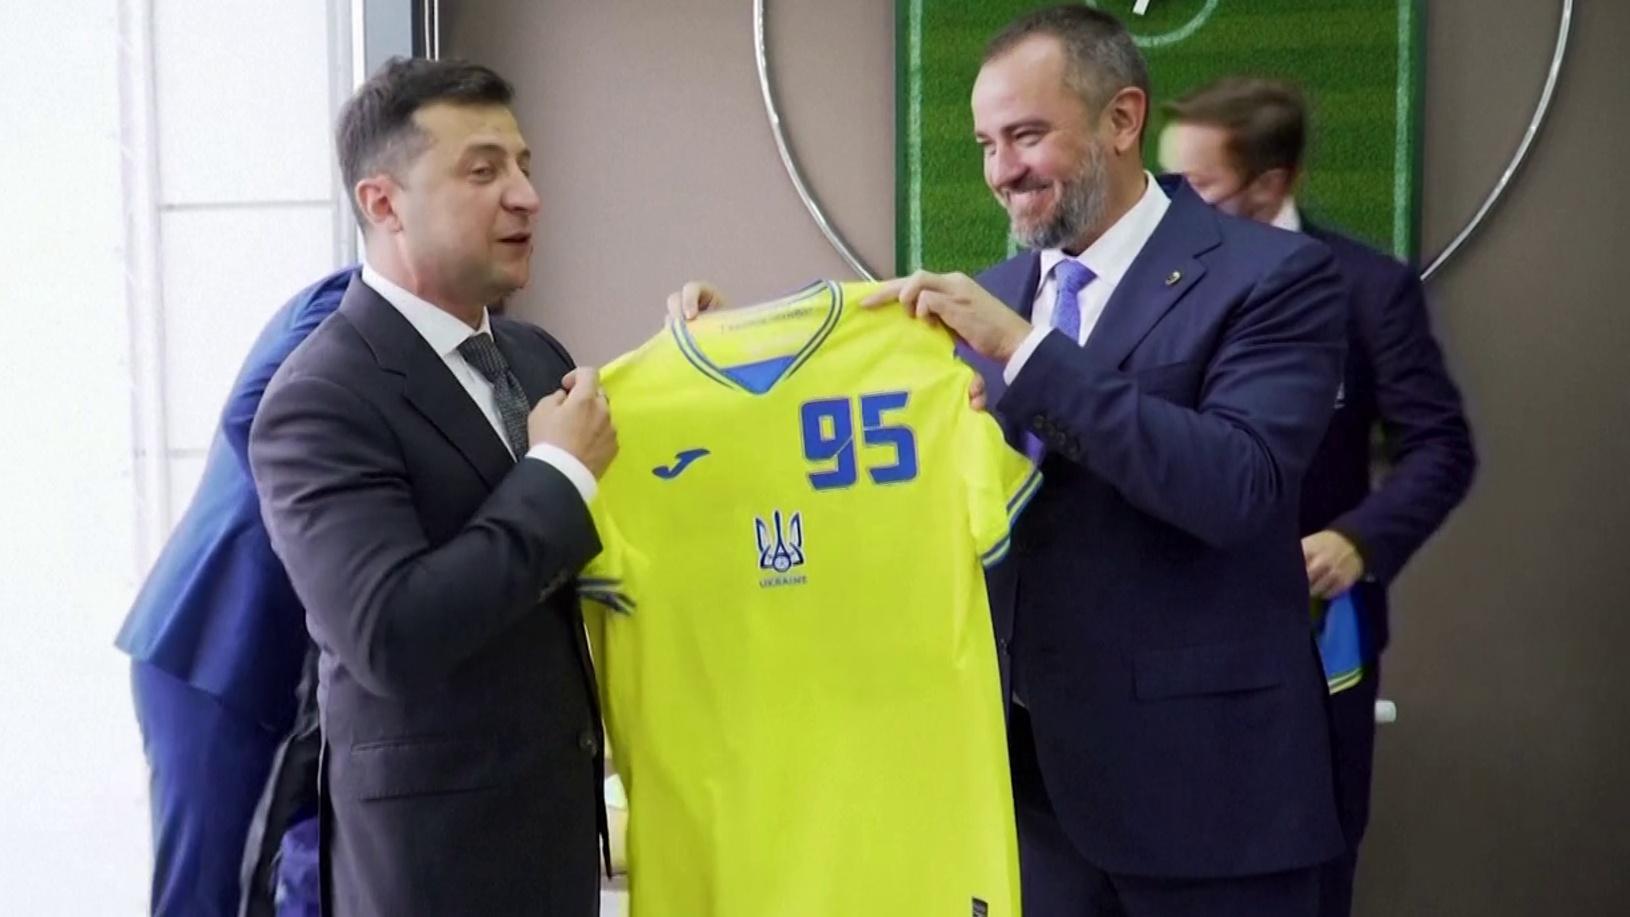 Presidente da Ucrânia, Volodymyr Zelensky, mostra a camisa da seleção do país